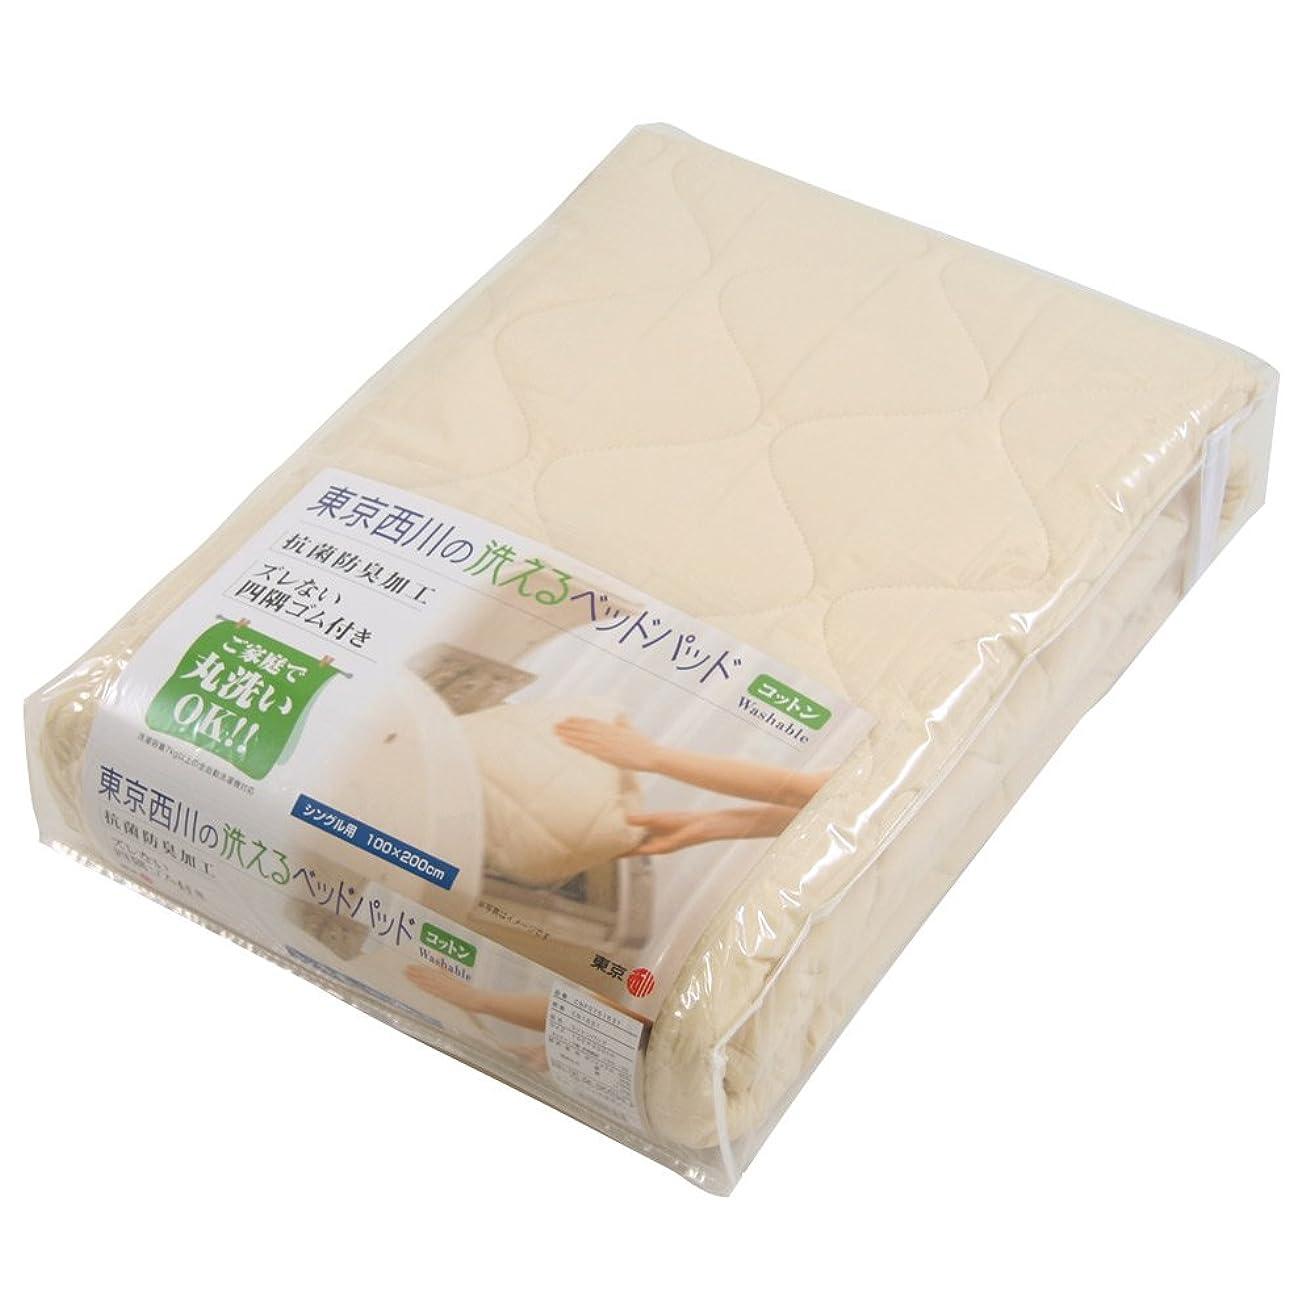 ヒット保護憎しみ東京西川 ベッドパッド シングル コットン 洗える 日本製 抗菌防臭加工